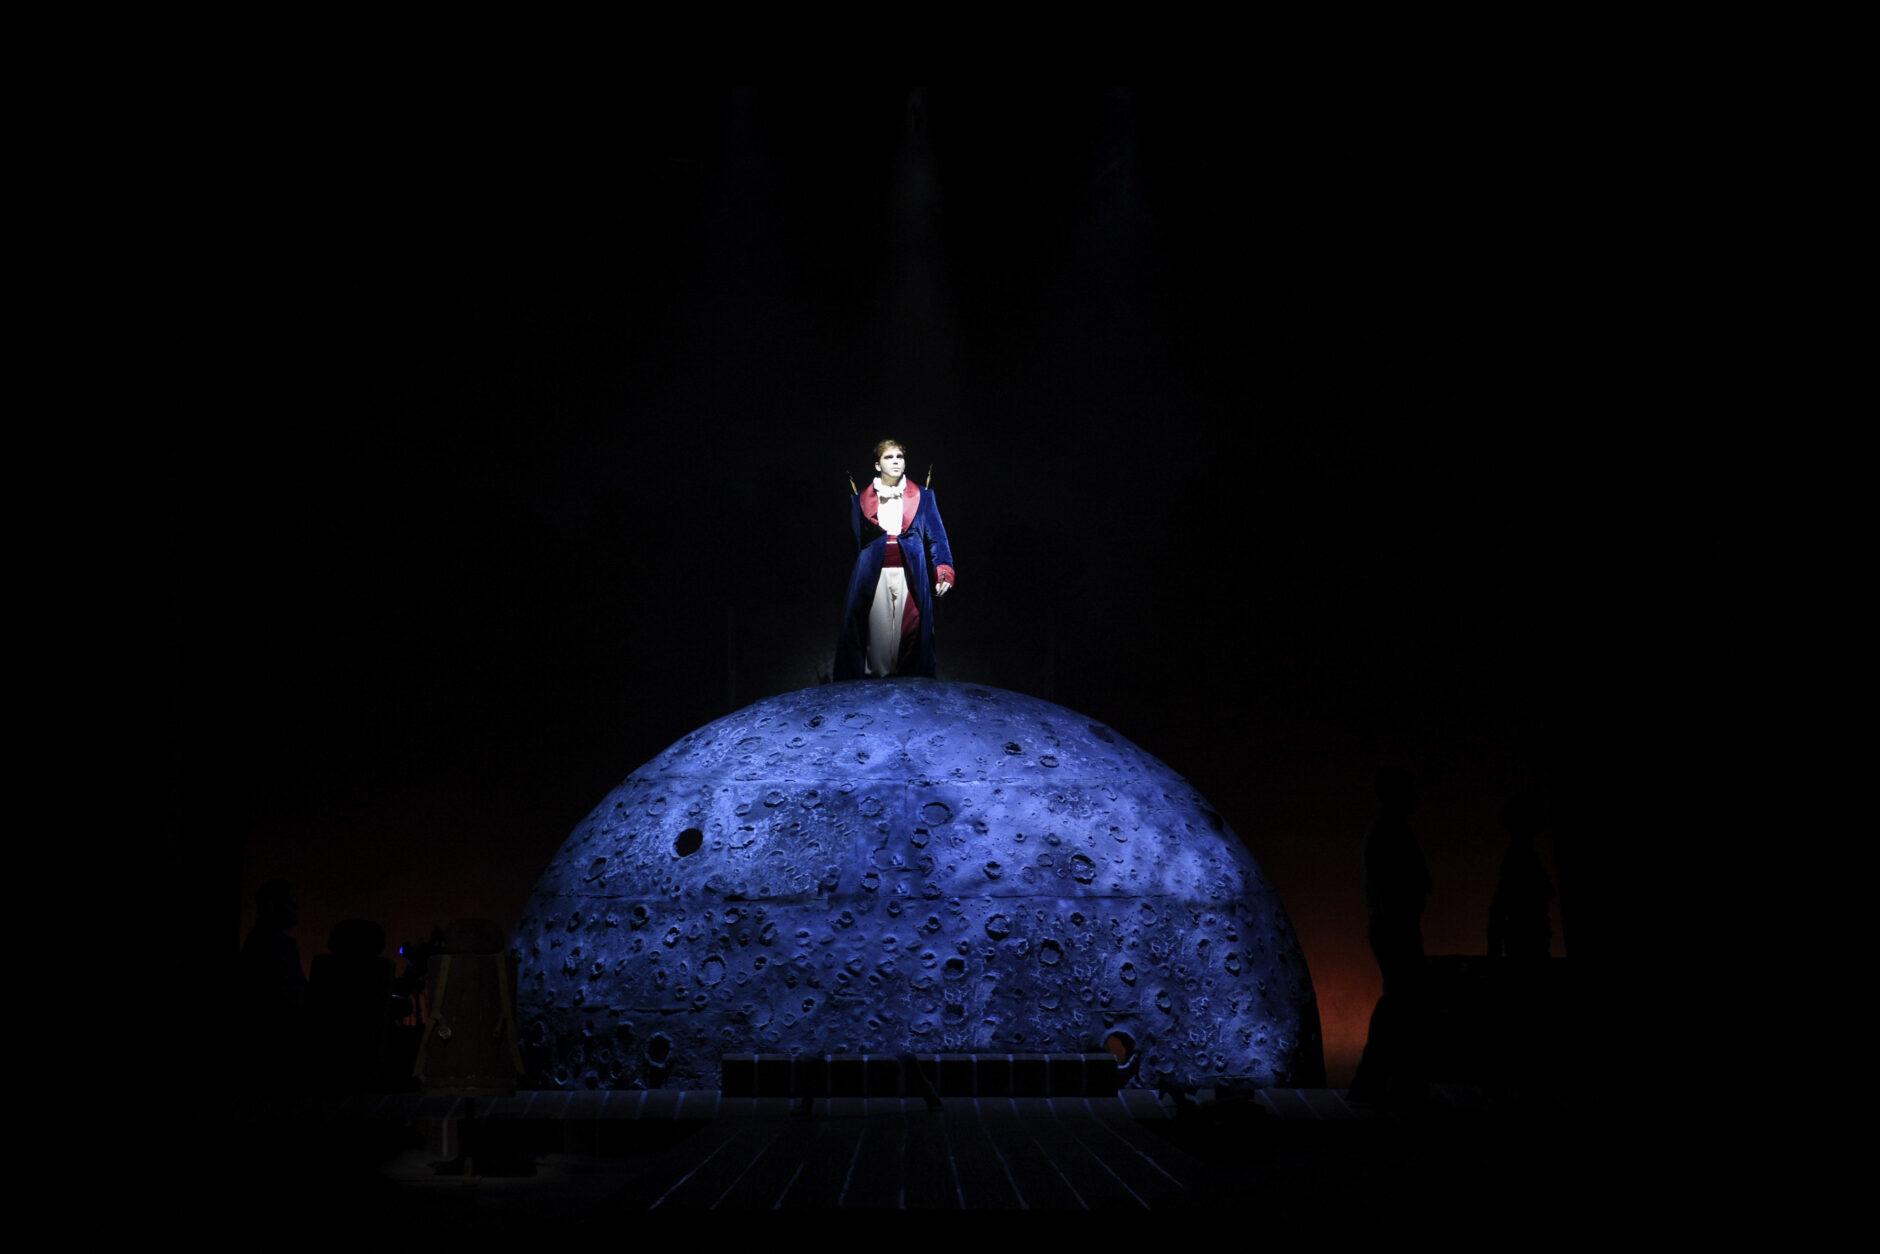 Antoine, el musical - La increíble historia del creador de El Principito 8